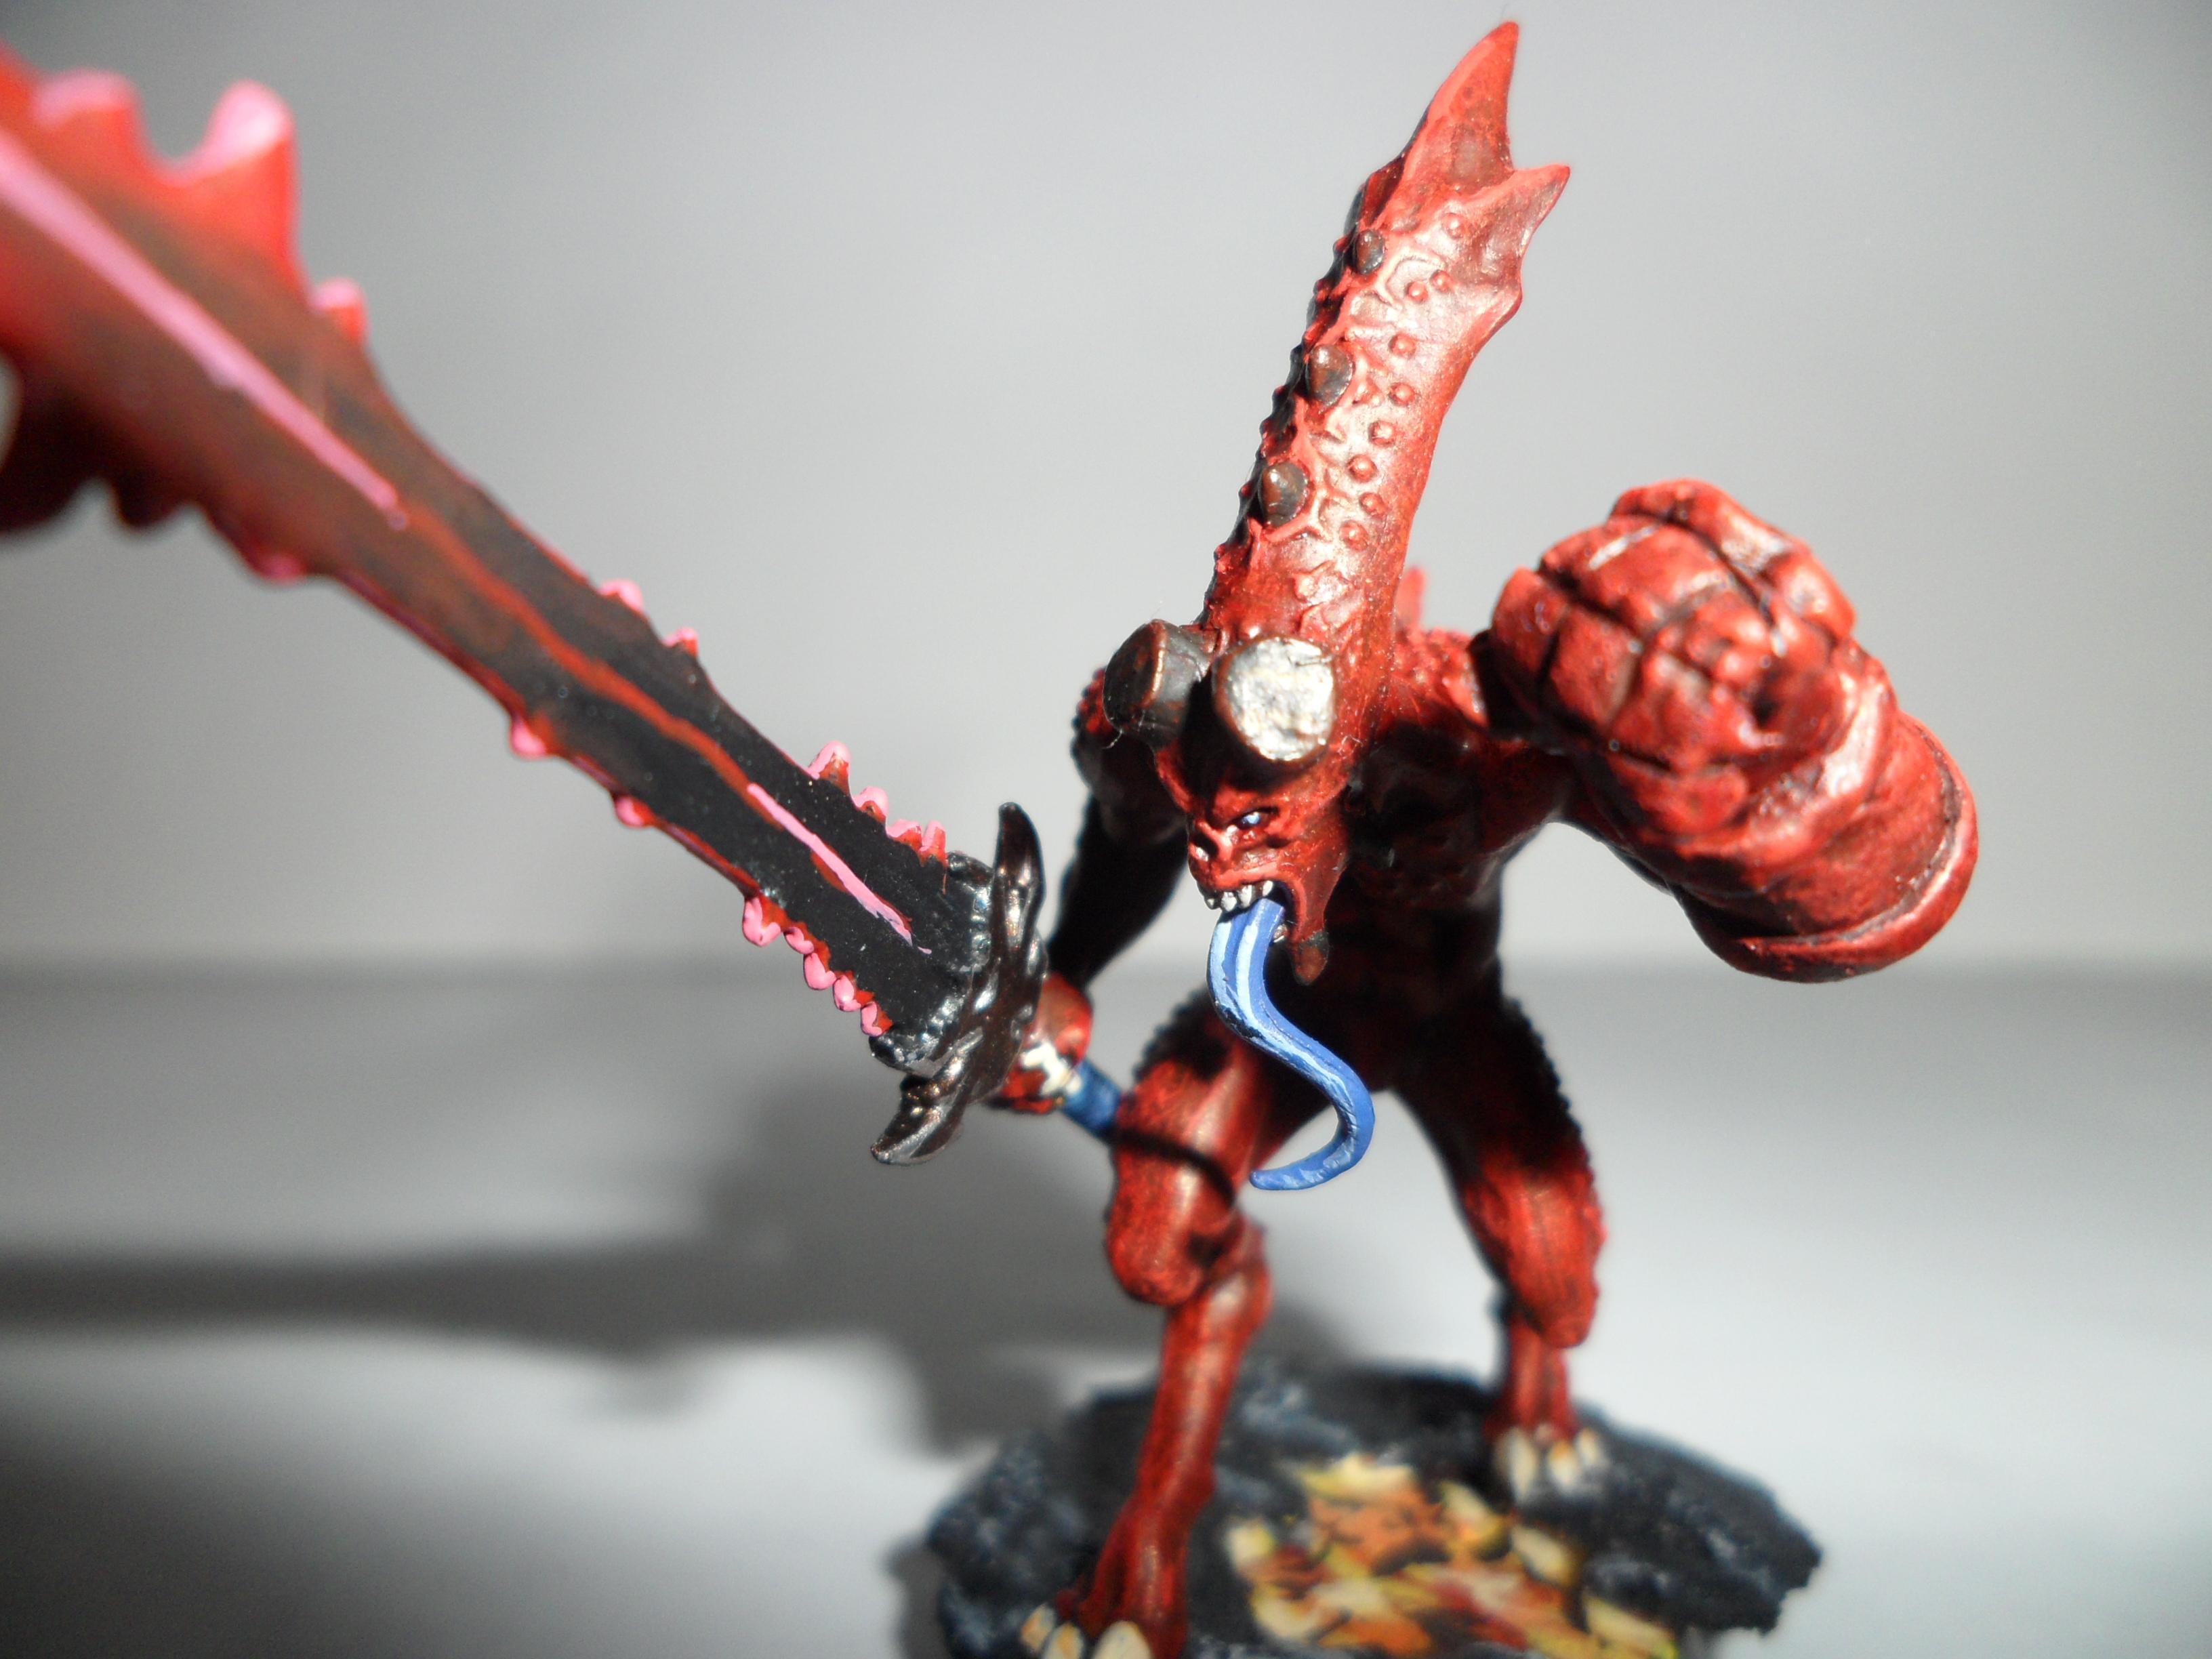 Bloodletters, Dämon, Dämonen, Daemons, Hellboy, Khorne, Zerfleischer